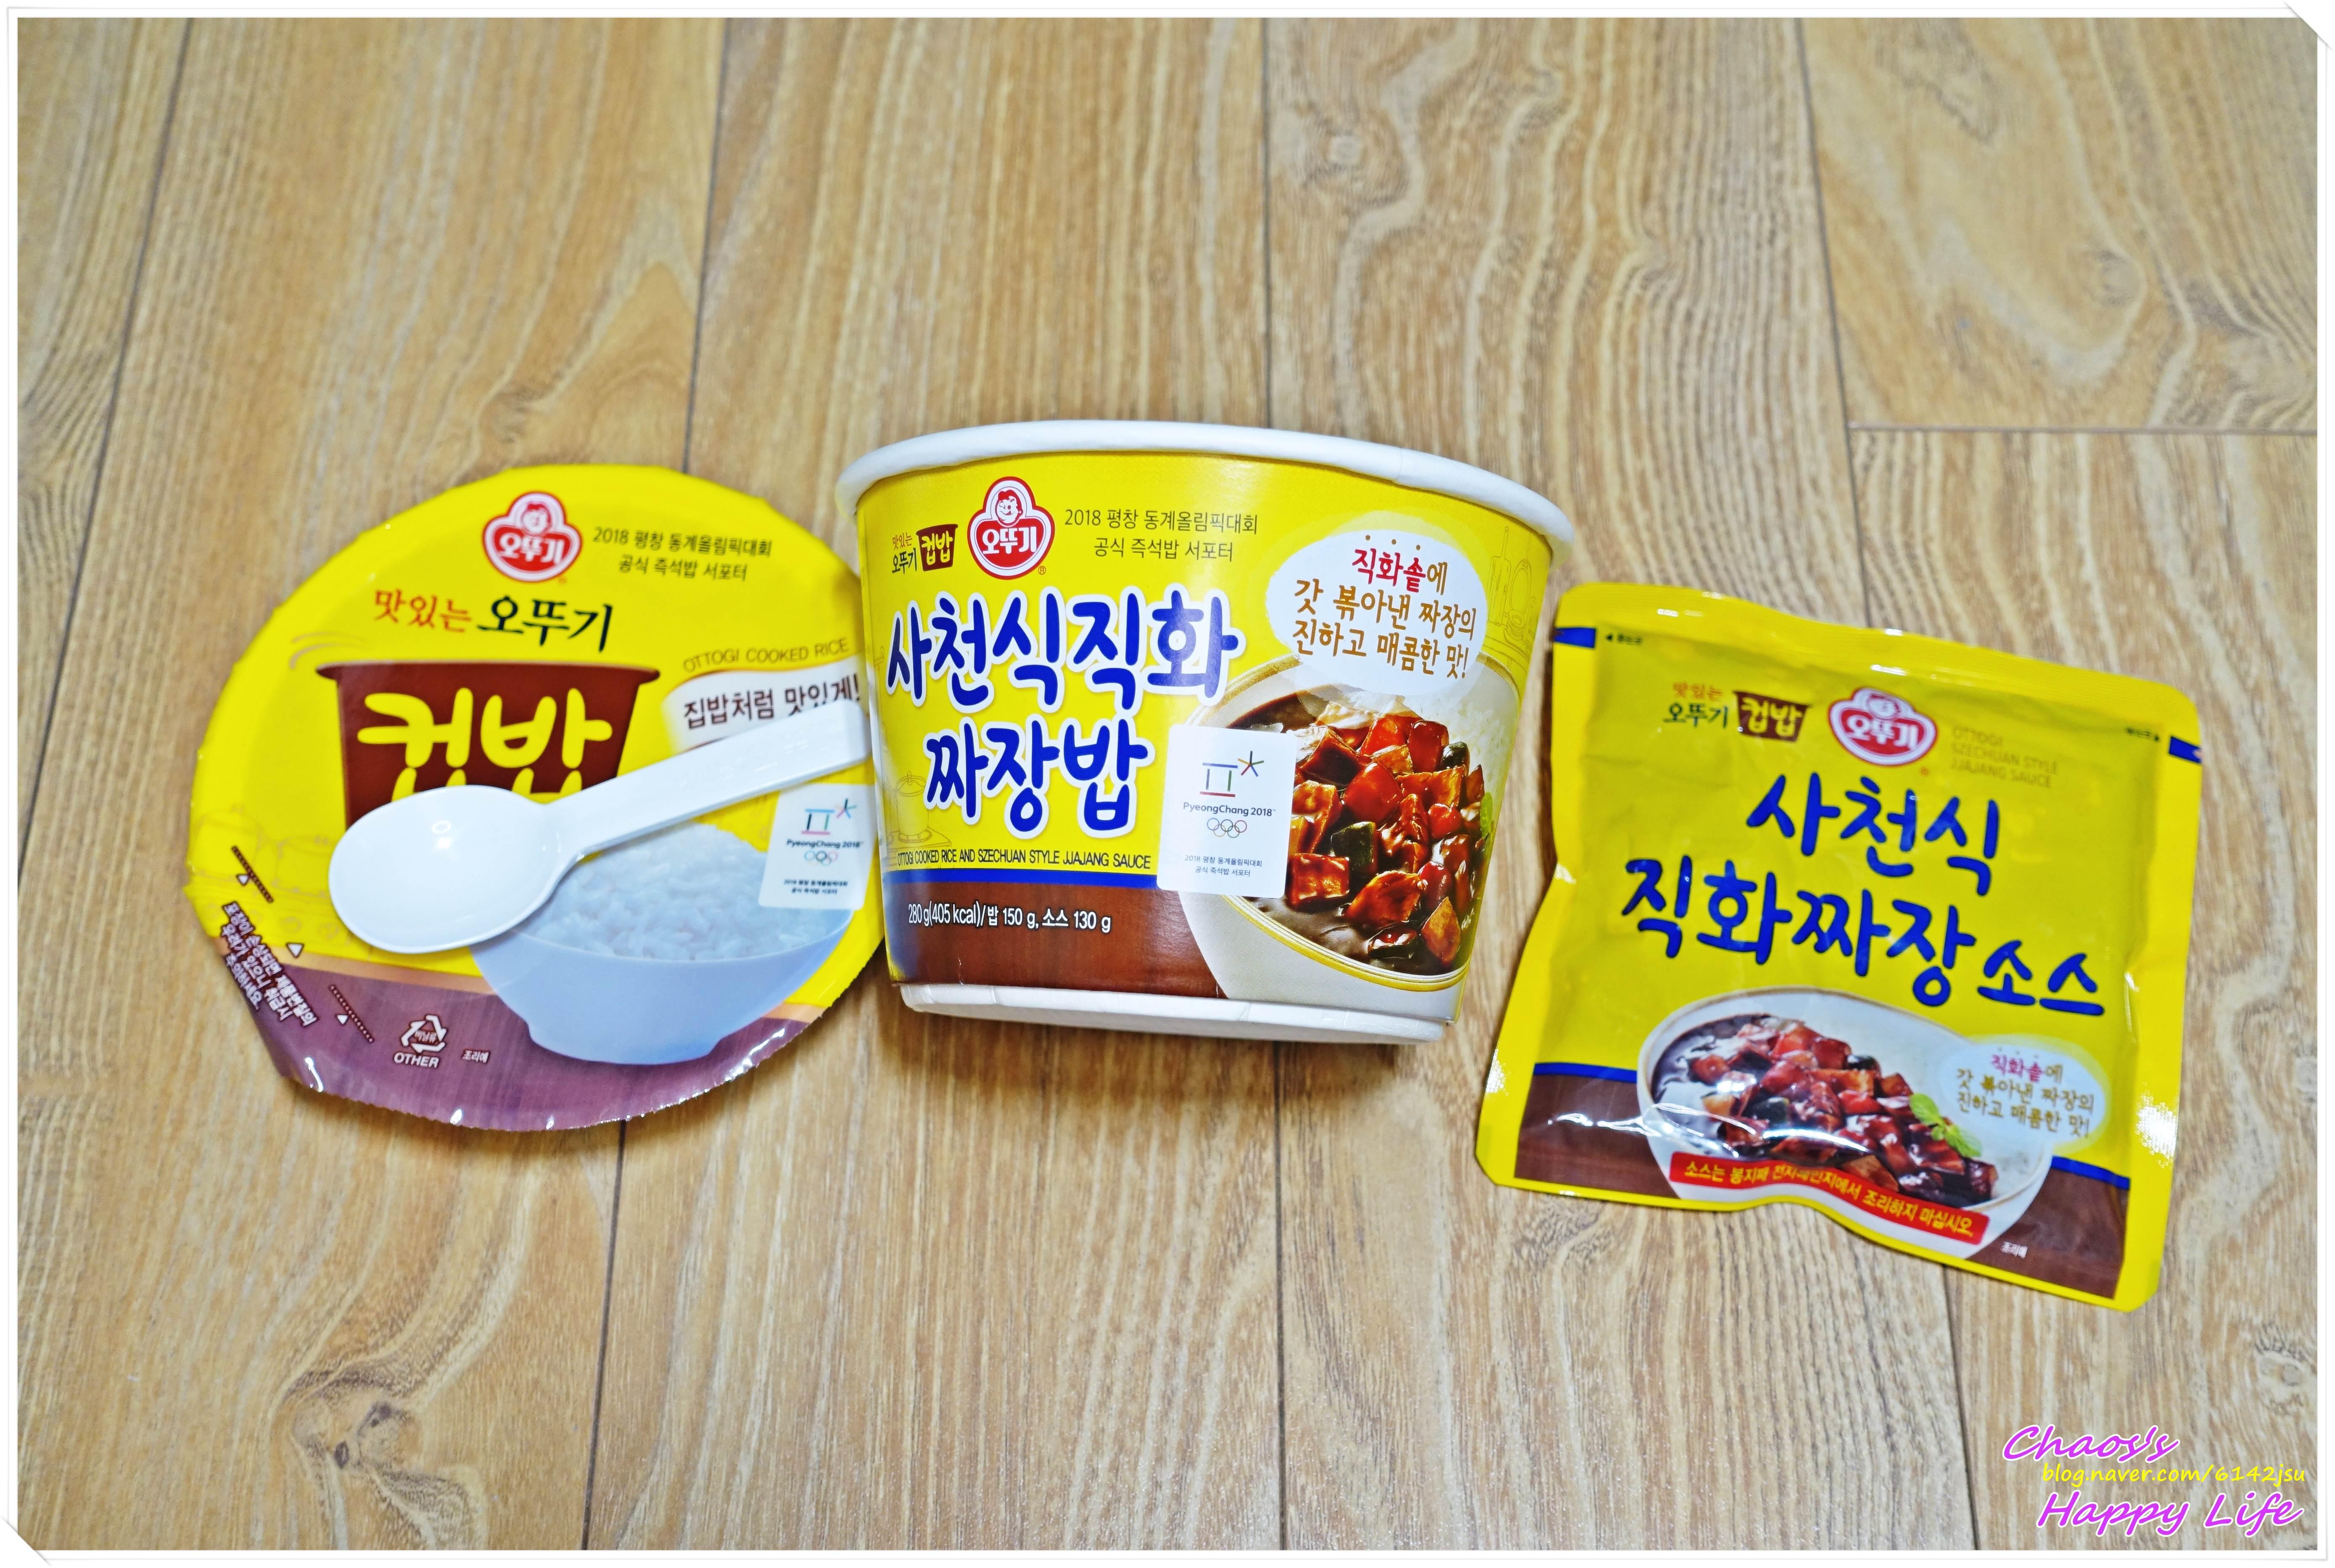 매콤하고 고기가 듬뿍!!! 오뚜기컵밥 사천식직화 짜장밥